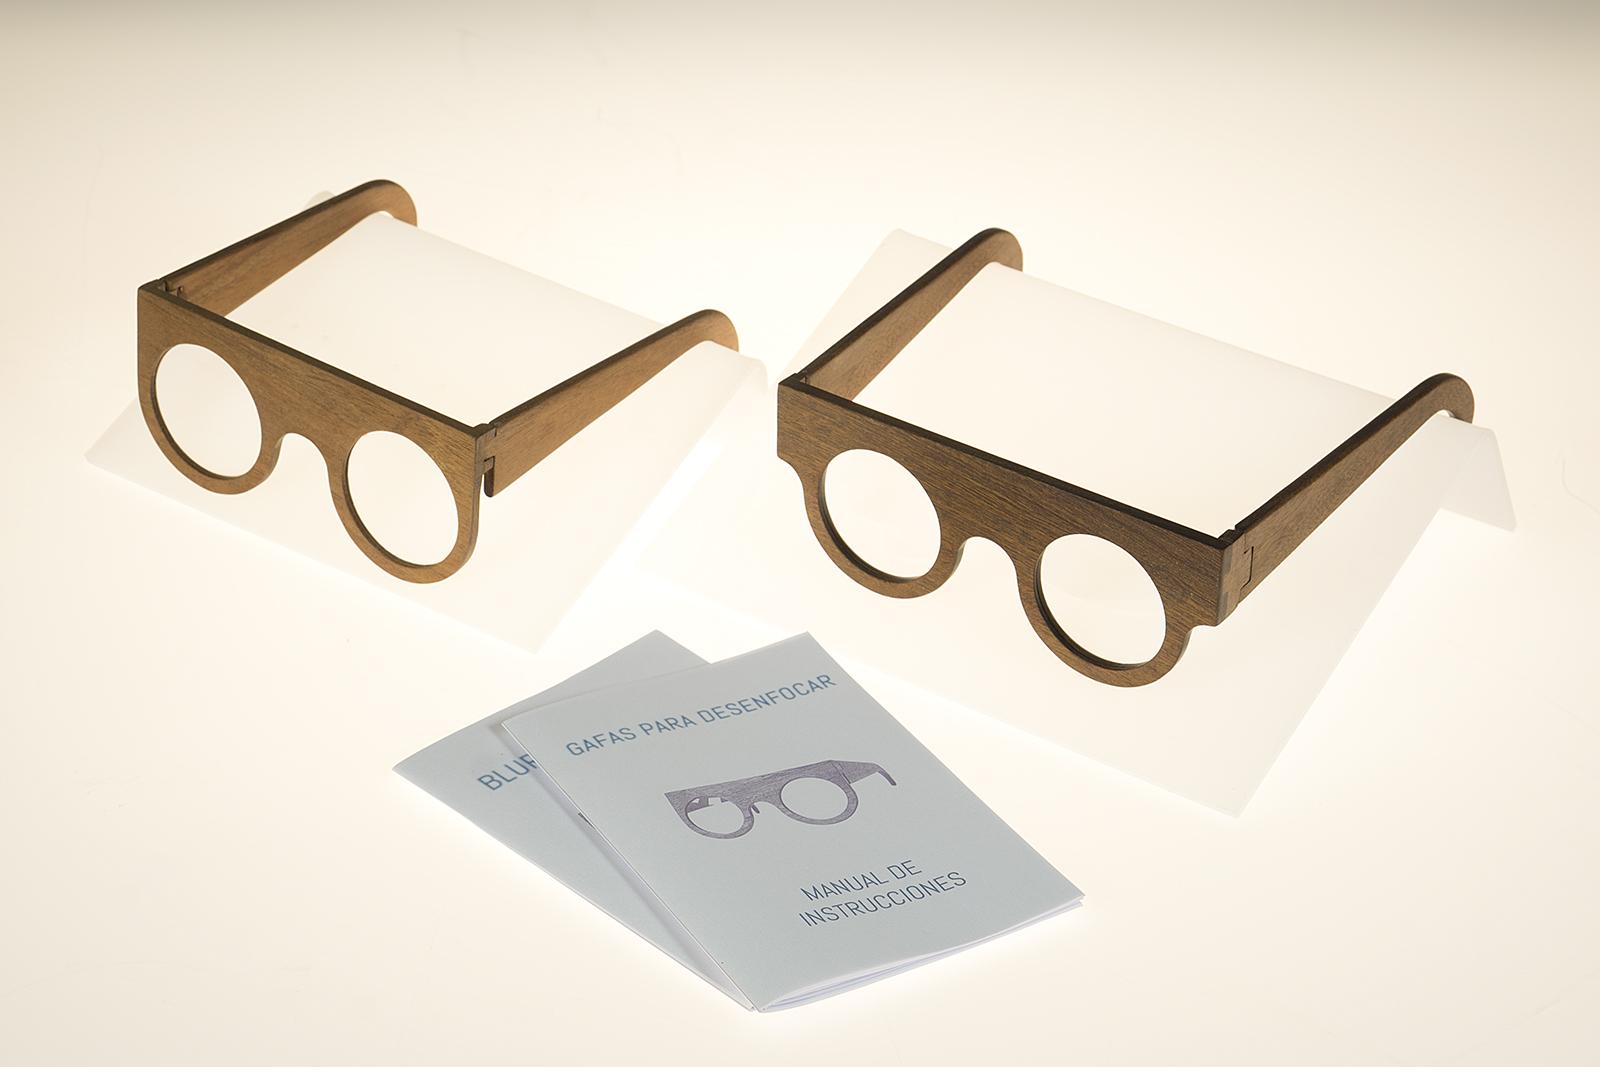 Gafas de desenfoque (ut visio poesis), 2017